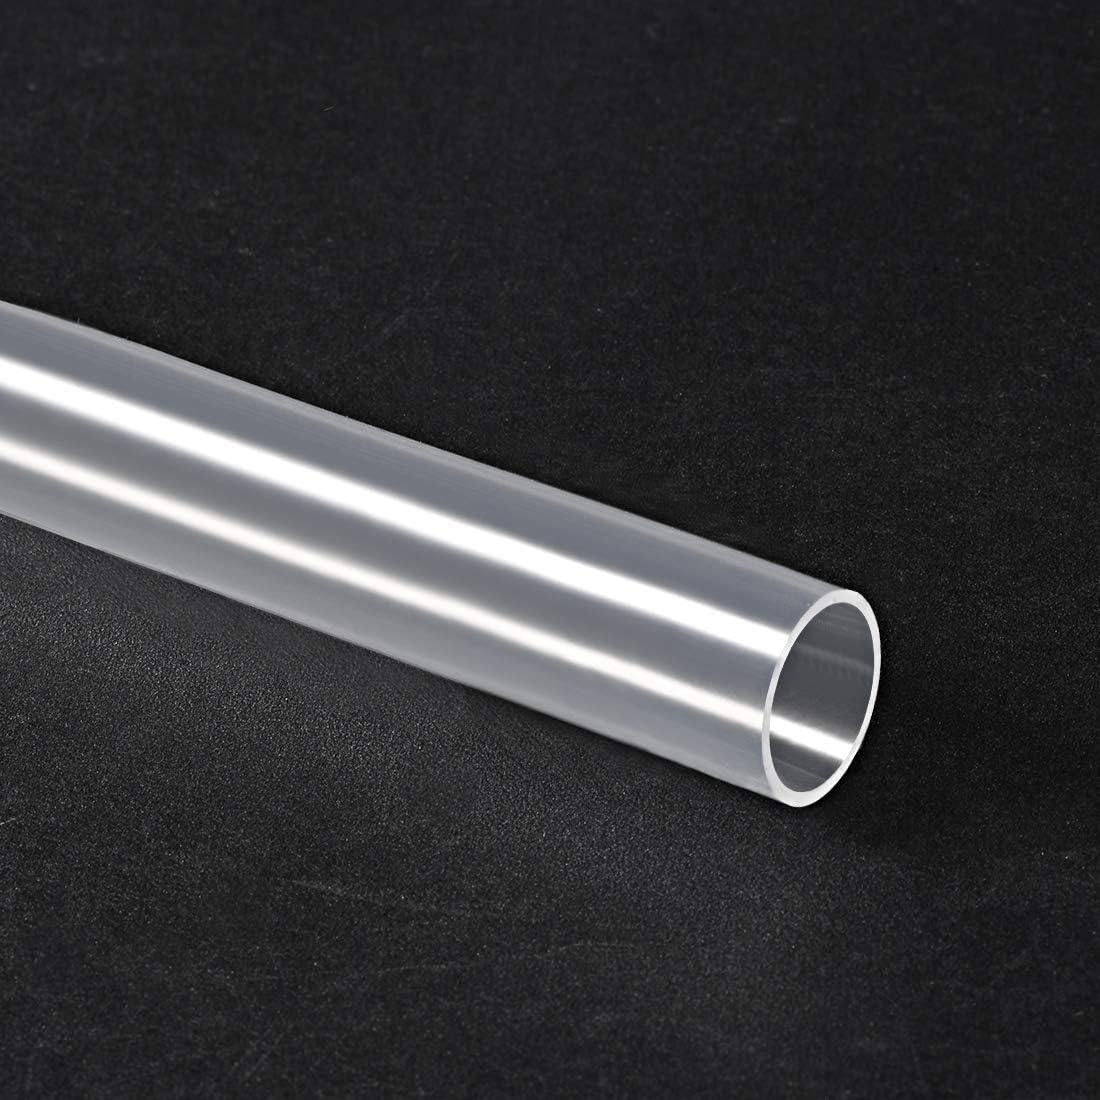 flexibler Silikon-Gummischlauch transparent 1 m Luftschlauch f/ür Pumpen/übertragung 12 mm Innendurchmesser x 14 mm Au/ßendurchmesser Sourcing Map Silikonschlauch